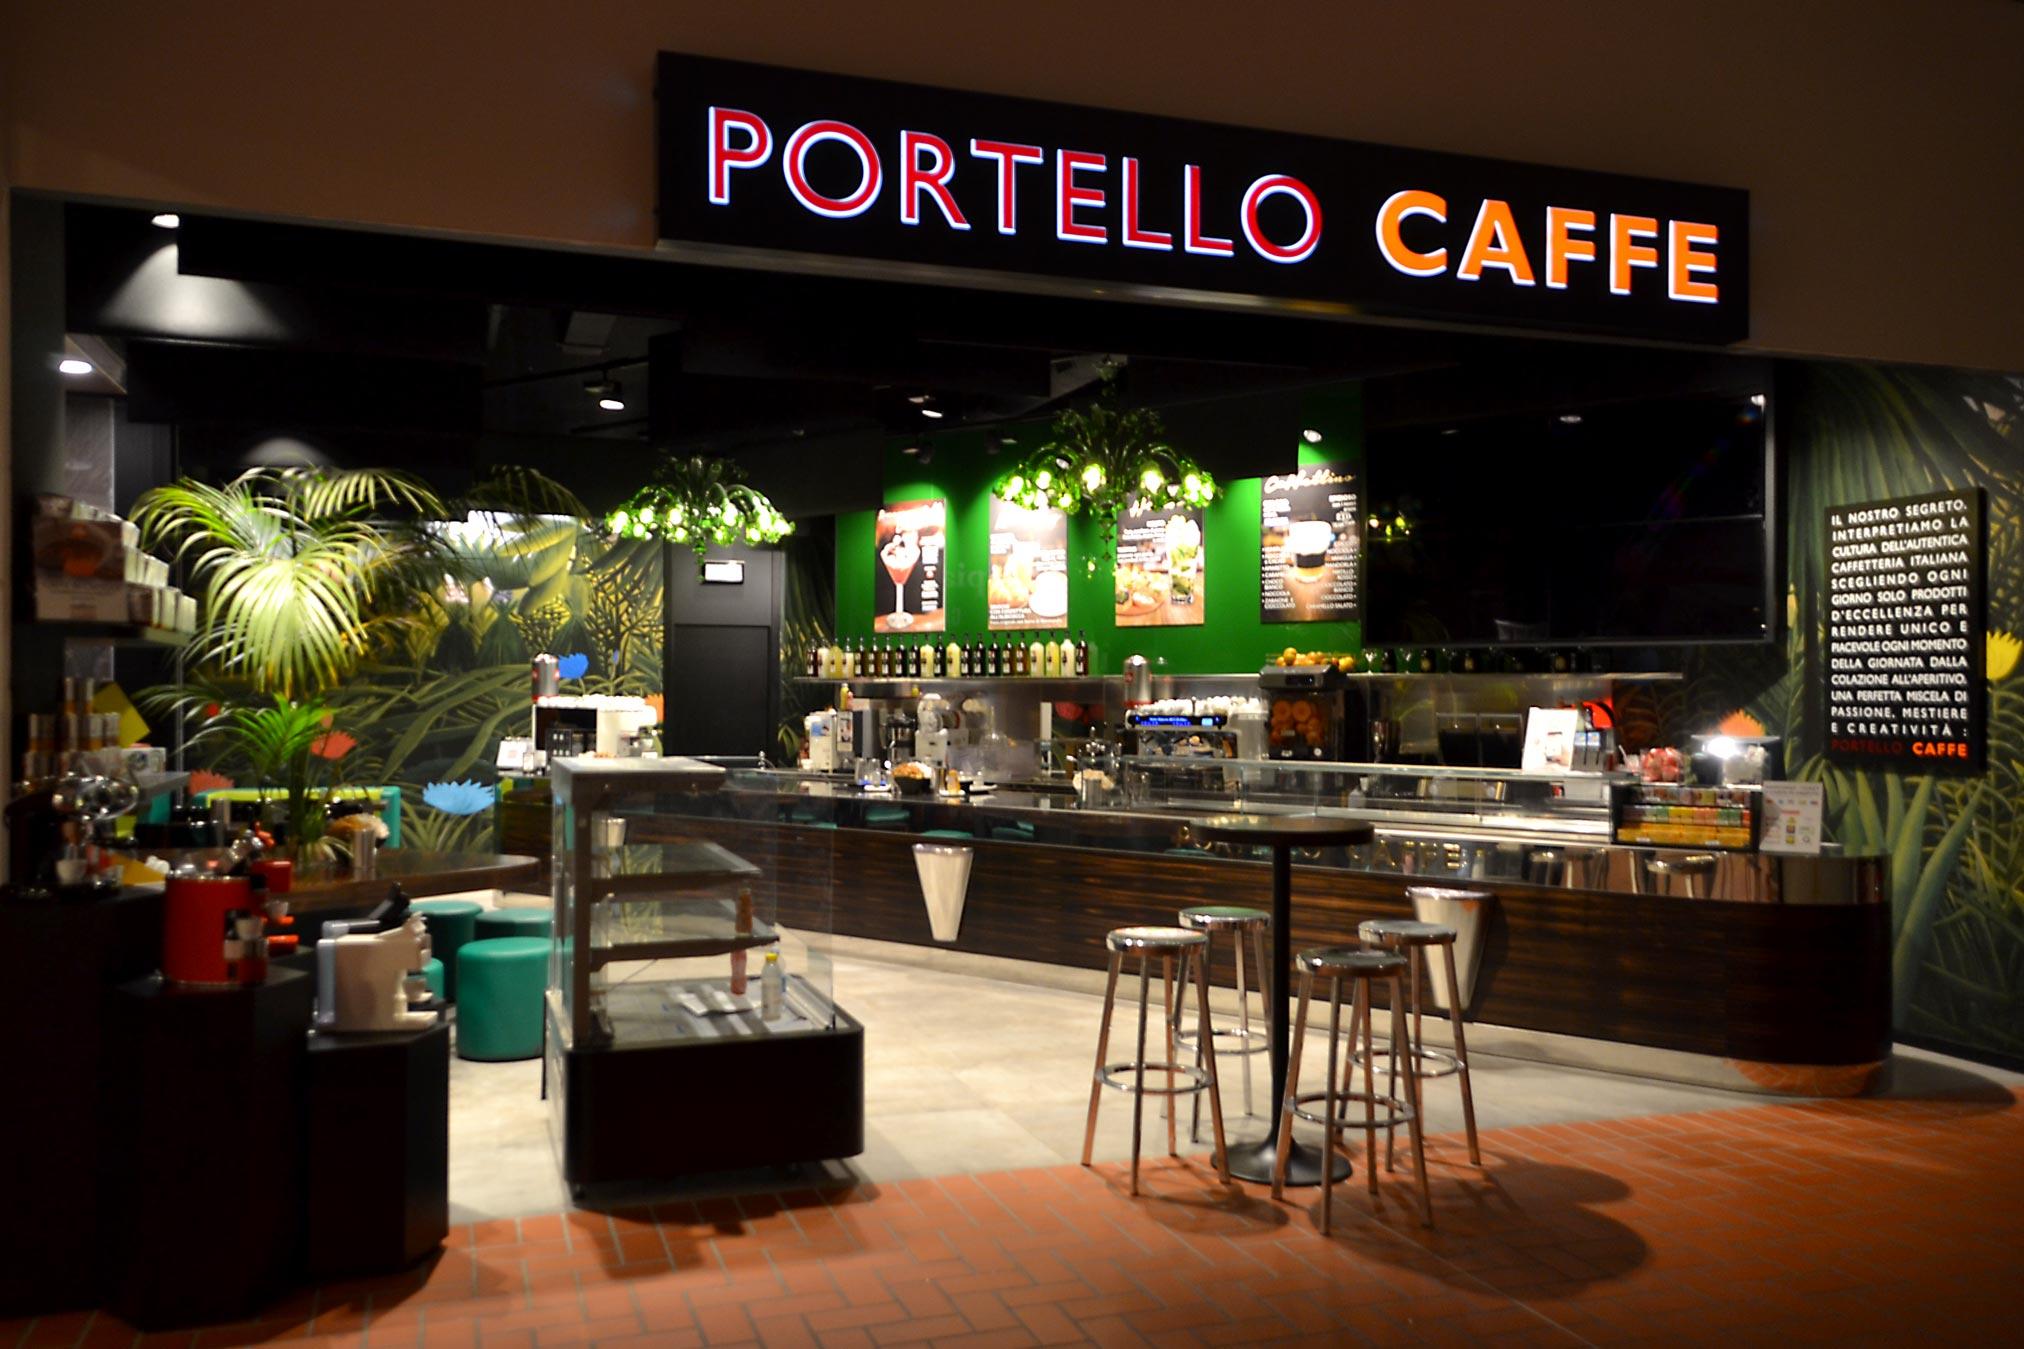 Caffe portello fiera di udine 2017 architetto marco for Fiera di udine